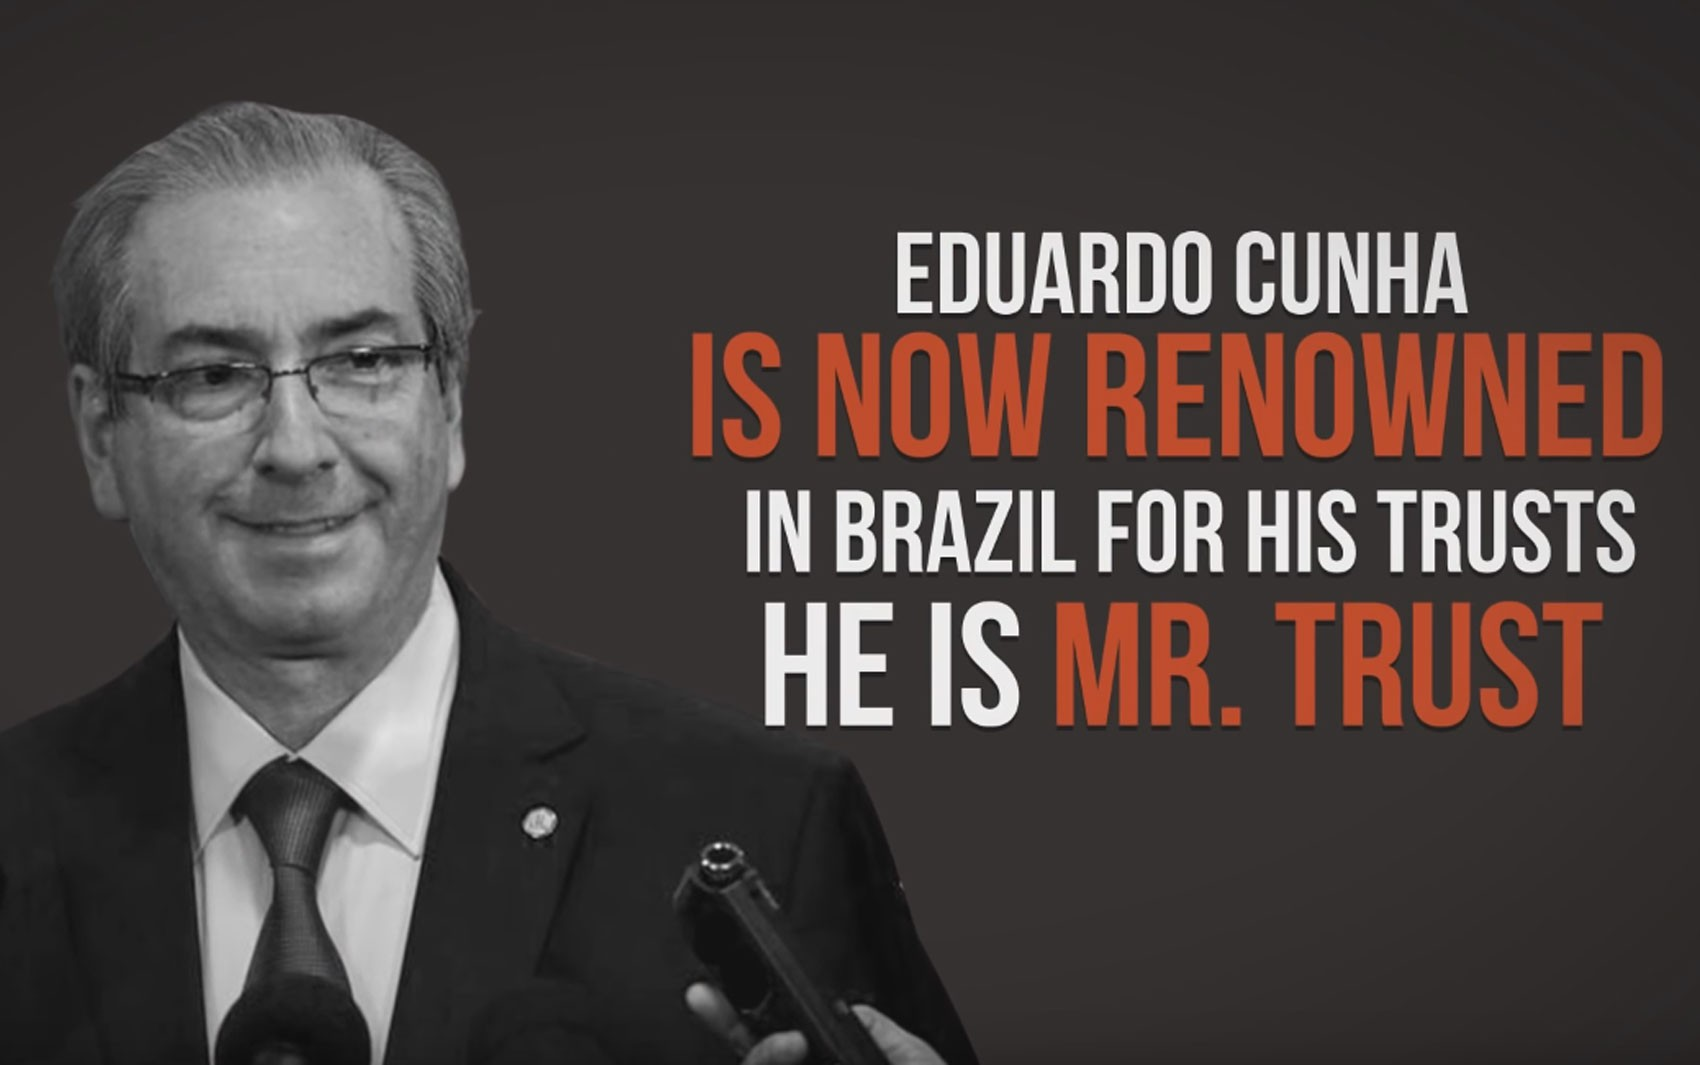 Eduardo Cunha é chamado de 'Mr. Trust' em campanha da Transparência Internacional (Foto: Reprodução/Youtube/Transparency International)